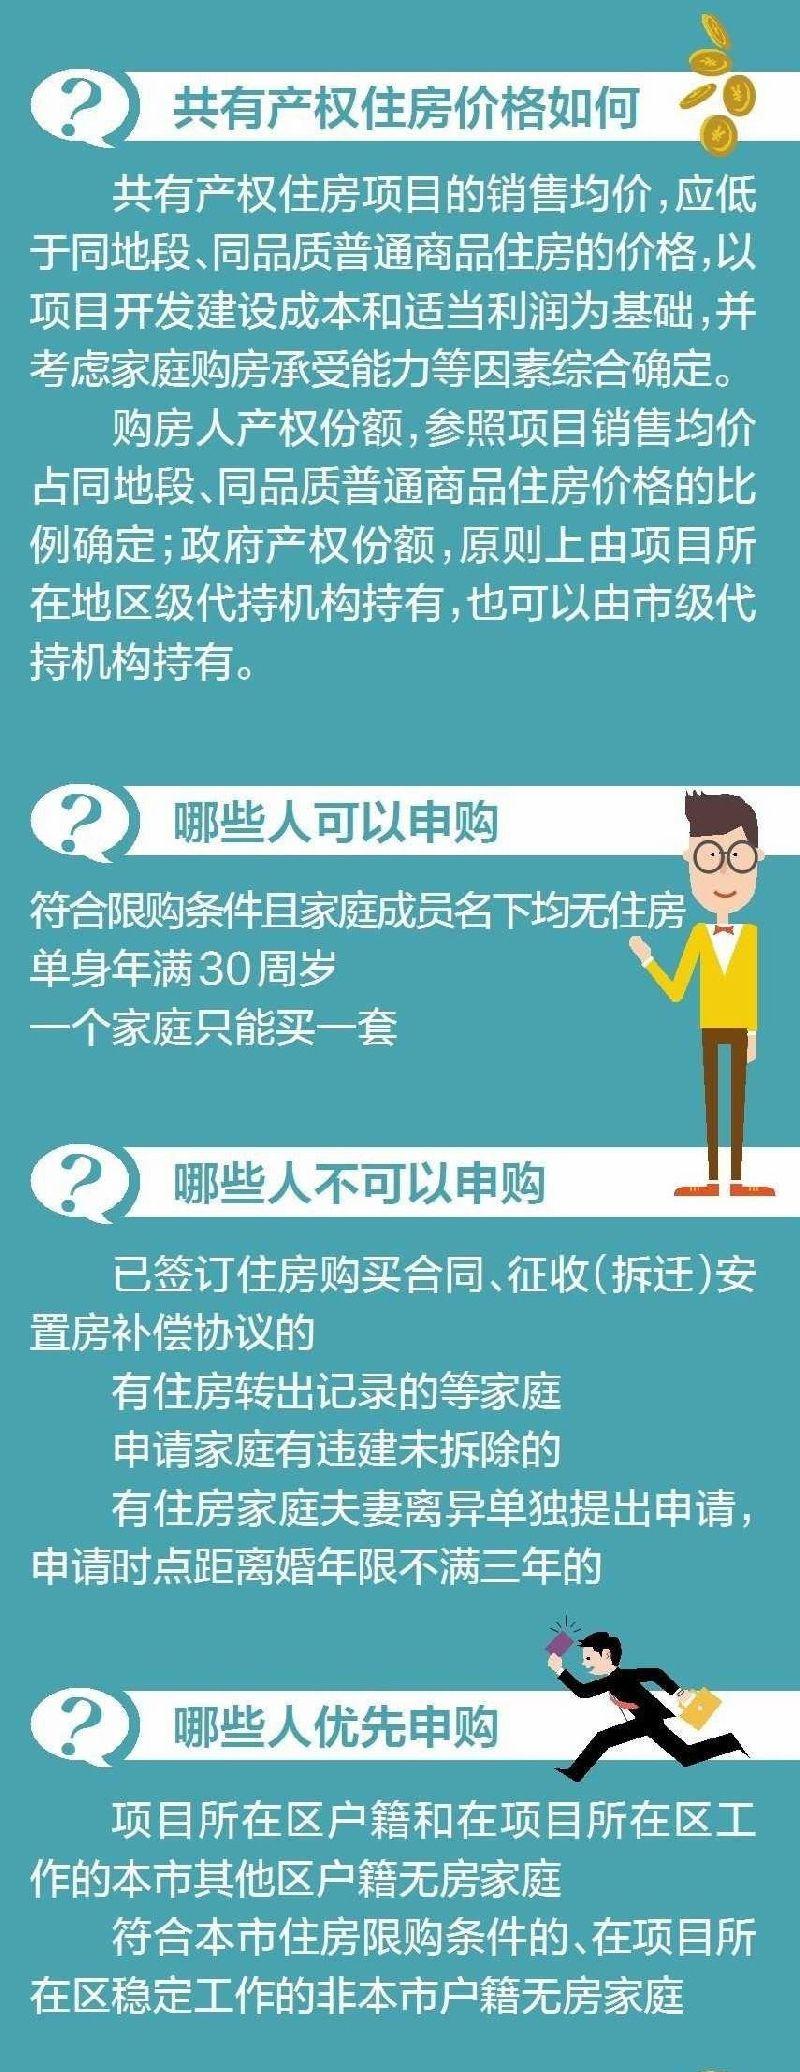 2017北京共有产权房申请指南,申请条件价格及申请入口